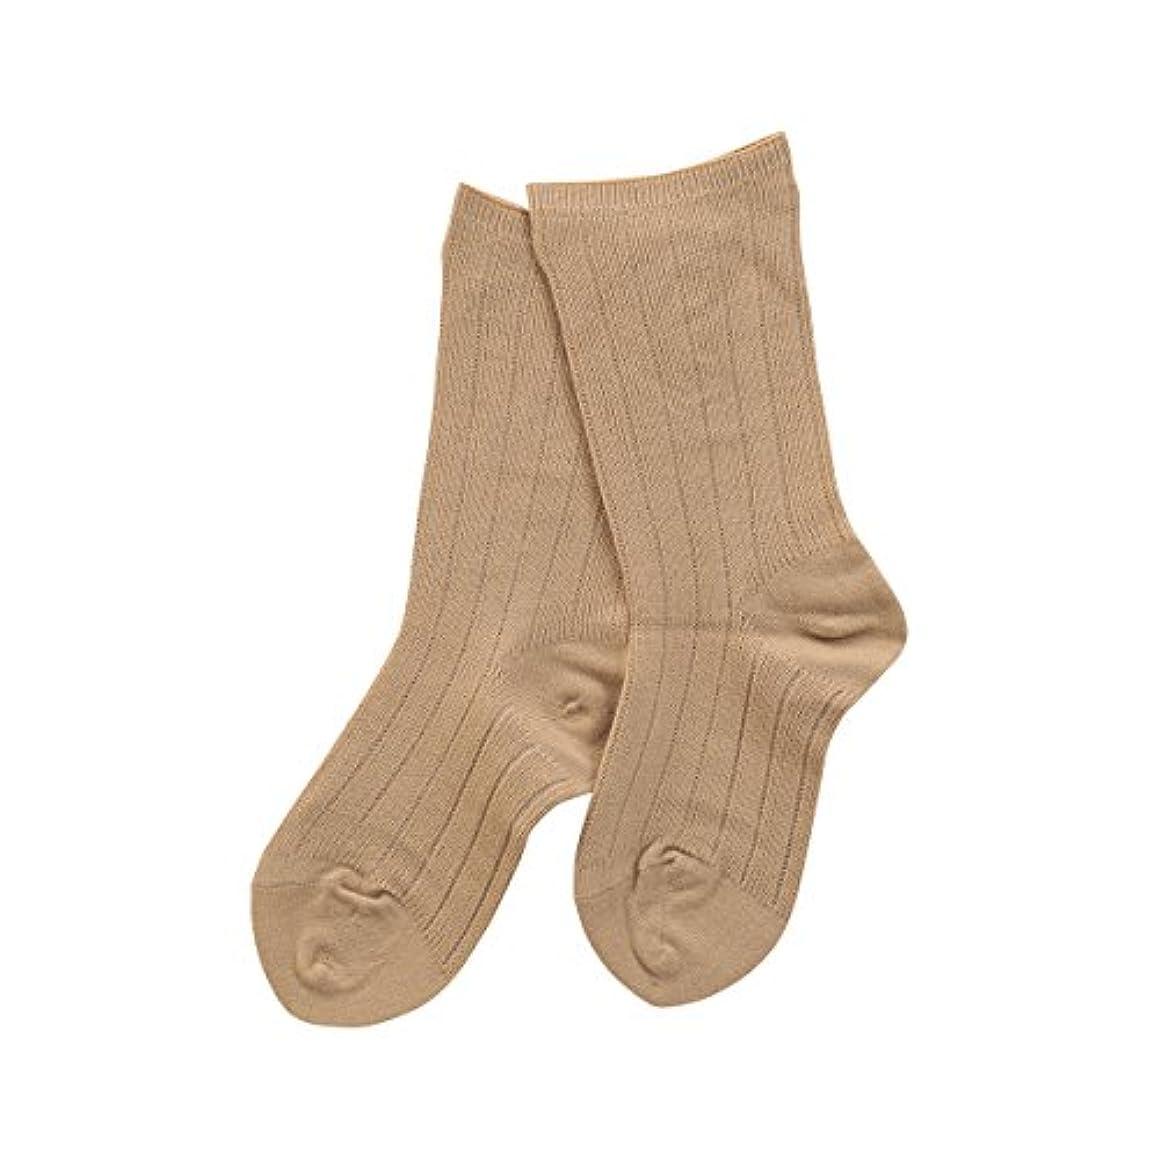 上下する受付初心者(コベス) KOBES ゴムなし 毛混 超ゆったり靴下 日本製 婦人靴下